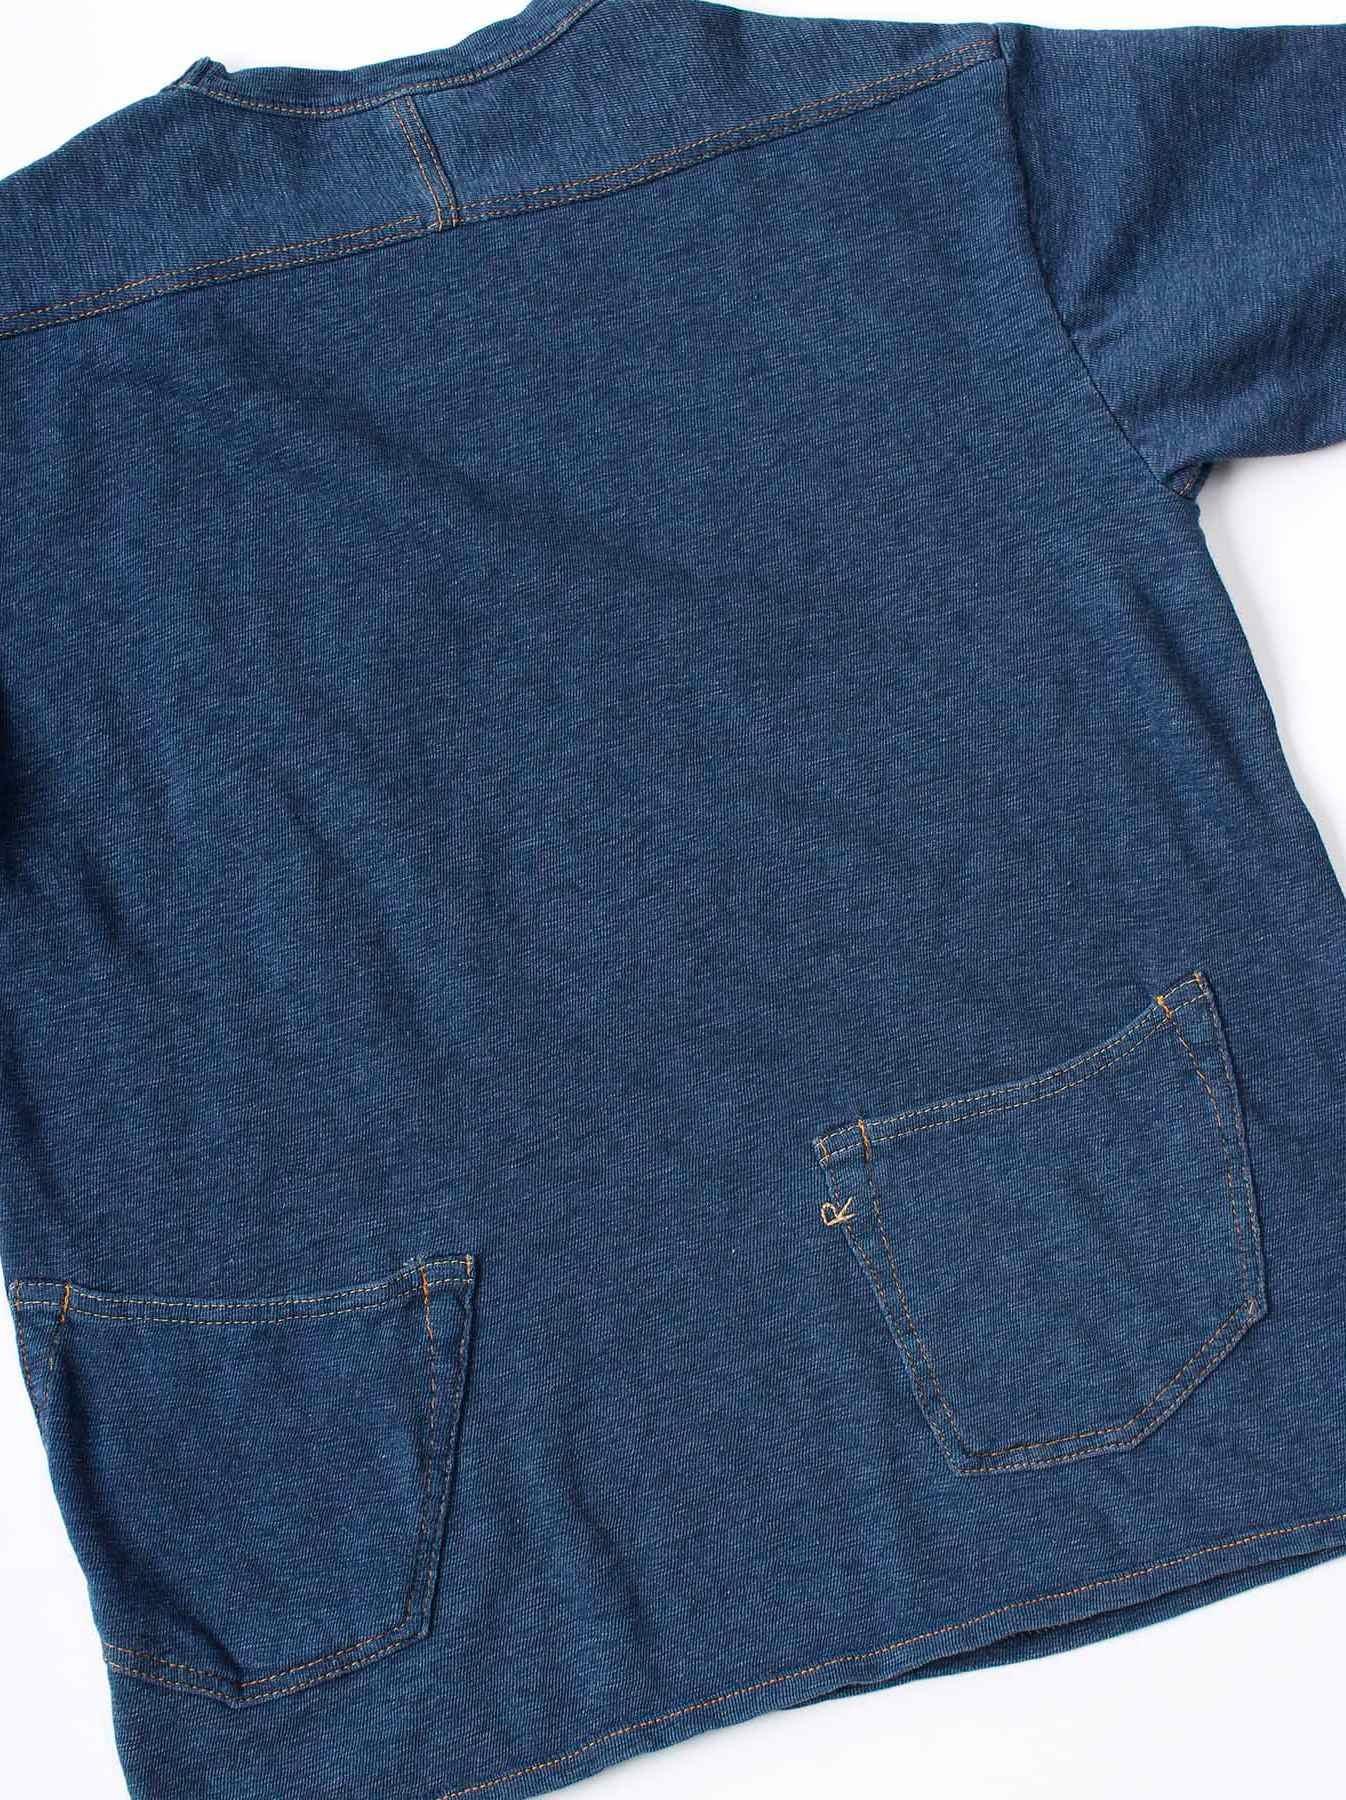 WH Indigo Plating Tenjiku T-shirt Distressed-8